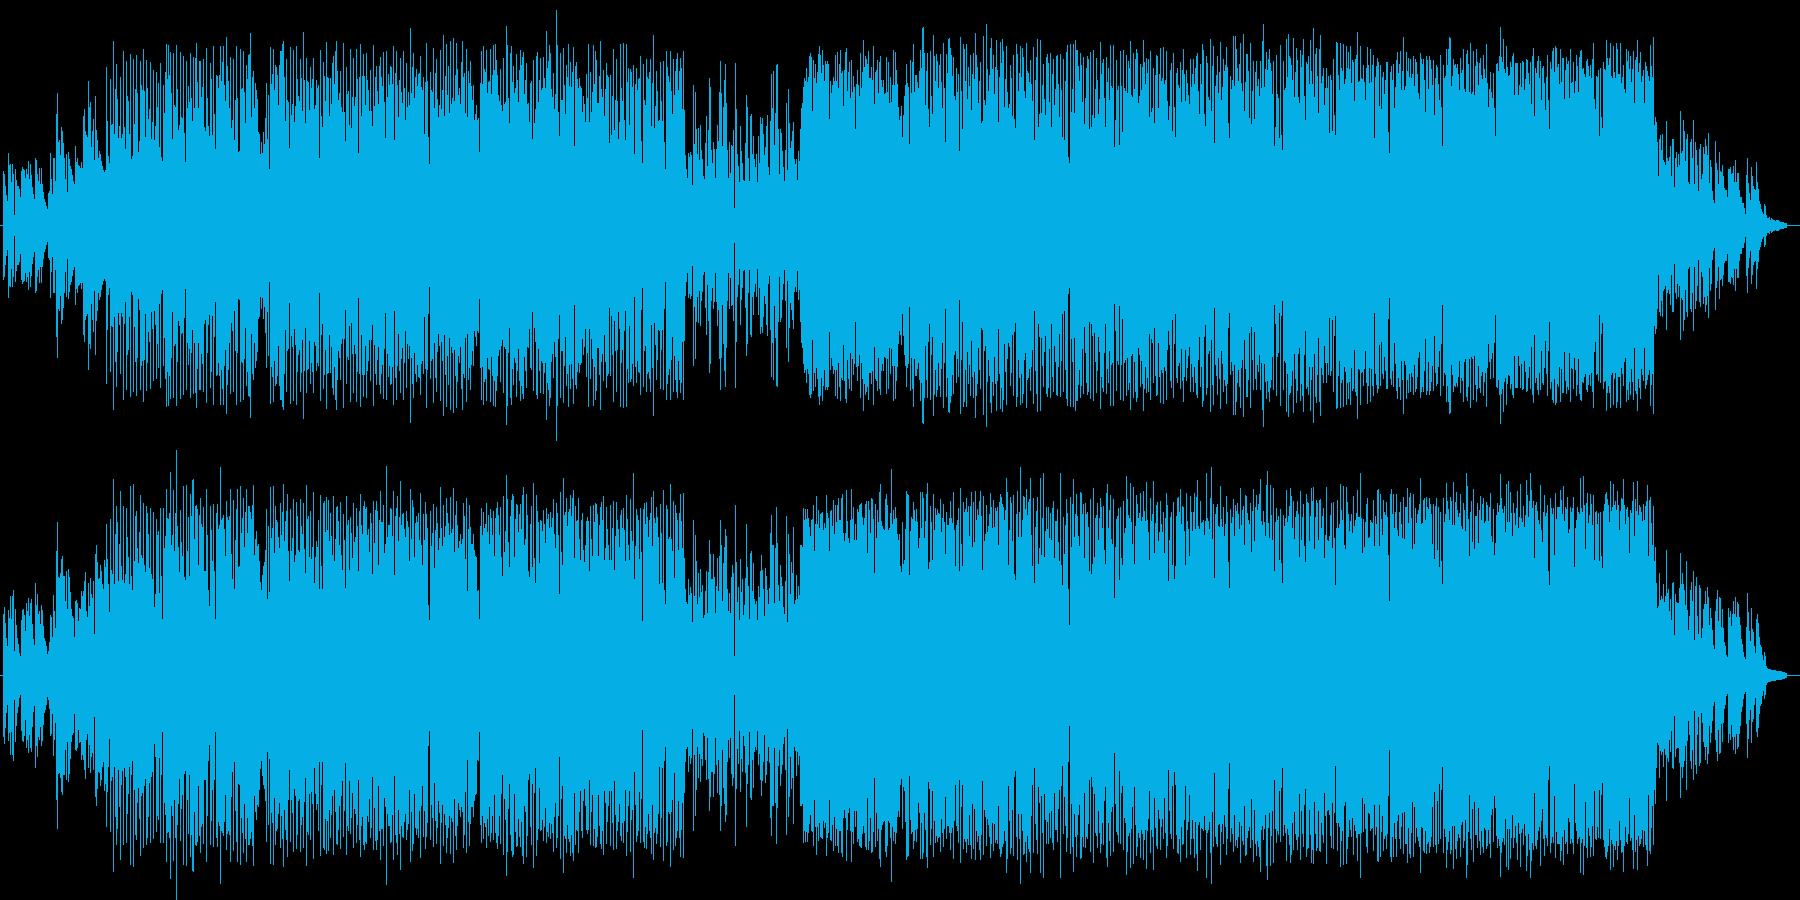 映像作品向けバラードEDMの再生済みの波形